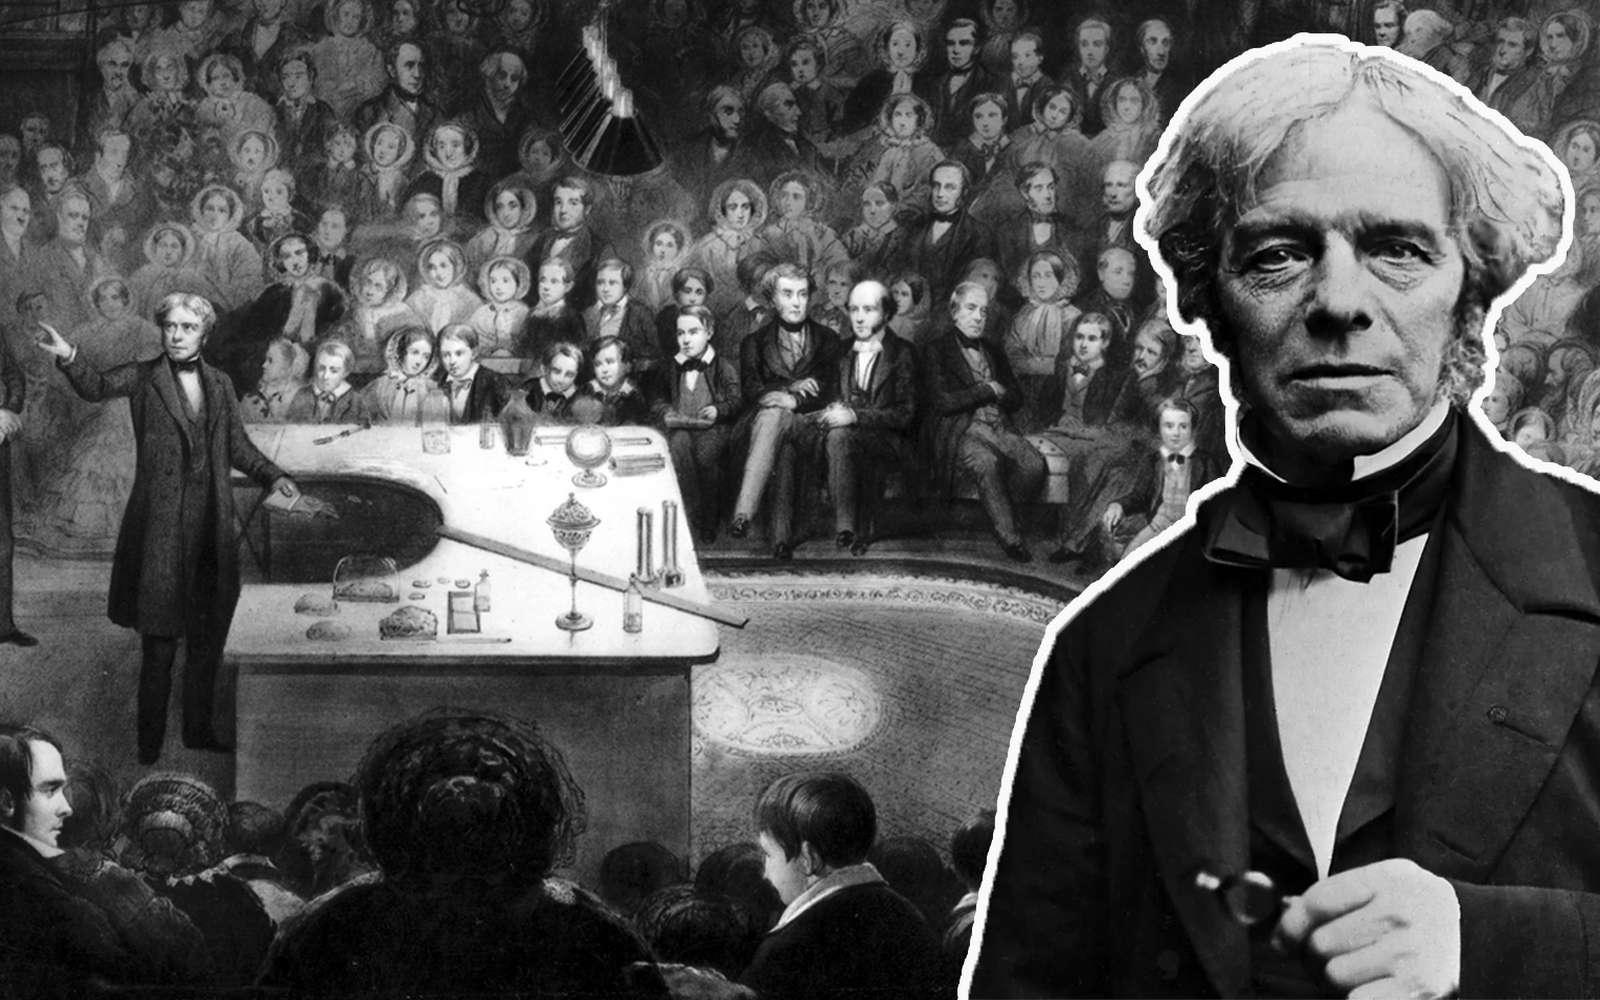 « Michael Faraday et les spectaculaires conférences de Noël » est le treizième épisode inédit de Chasseurs de Science. © John Watkins, Alexander Blaikley